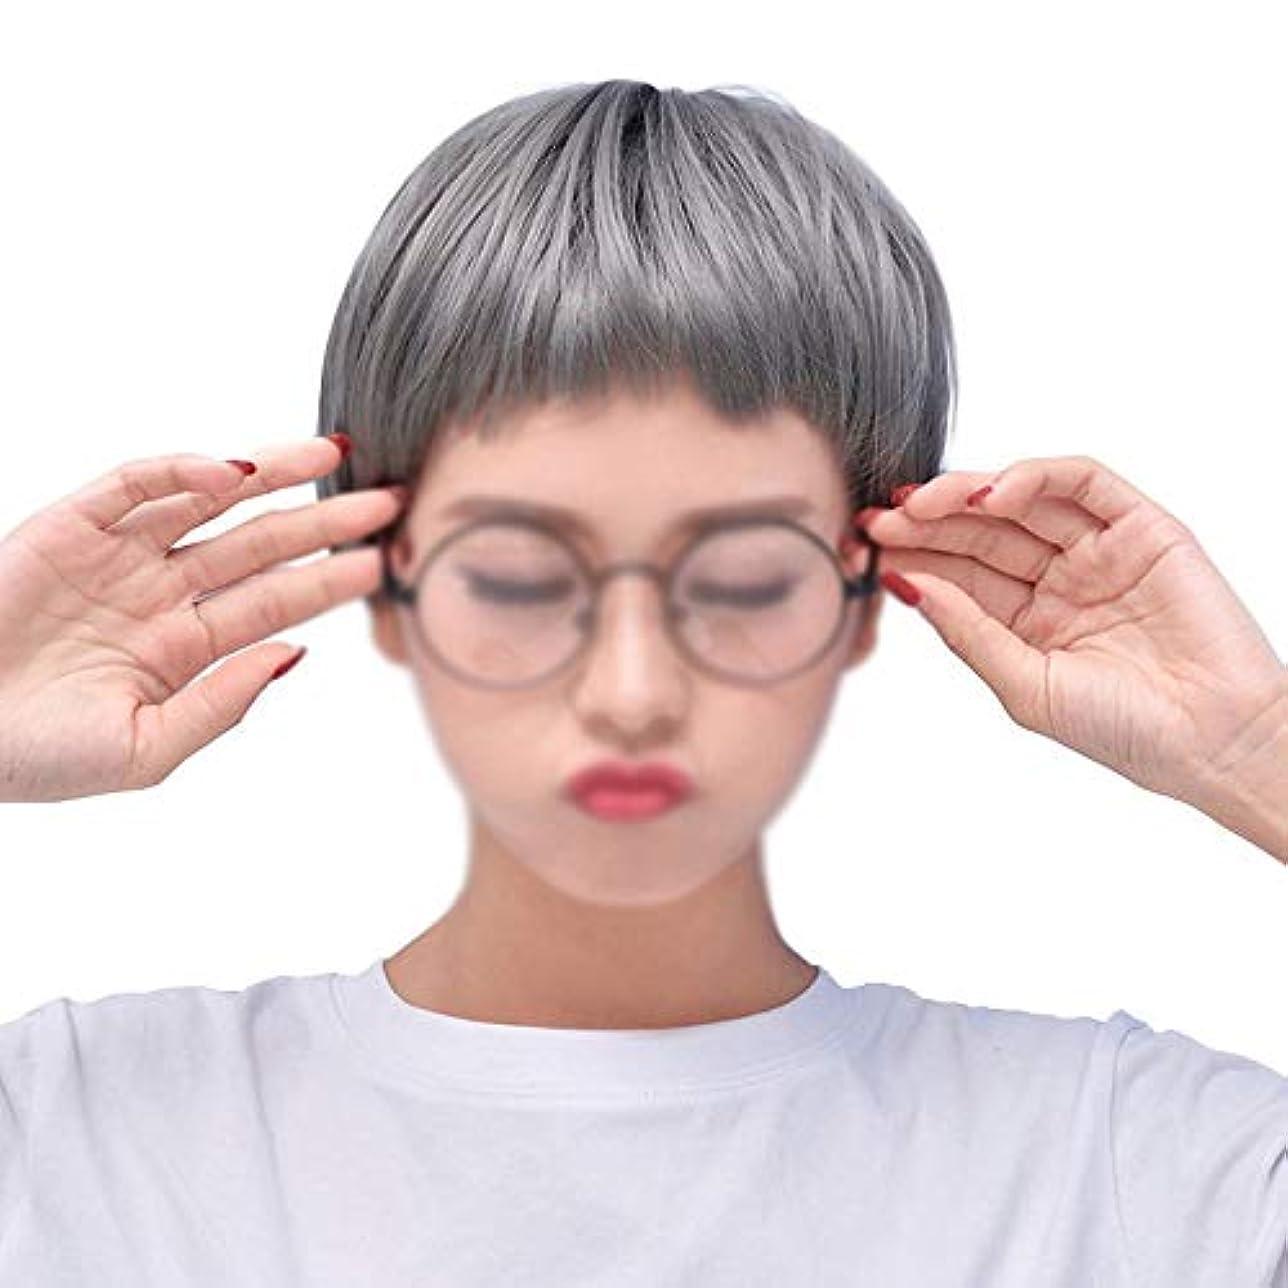 予約面認識WASAIO 女性用コスプレウィッグショートボブストレートヘアウィッグ (色 : グレー)